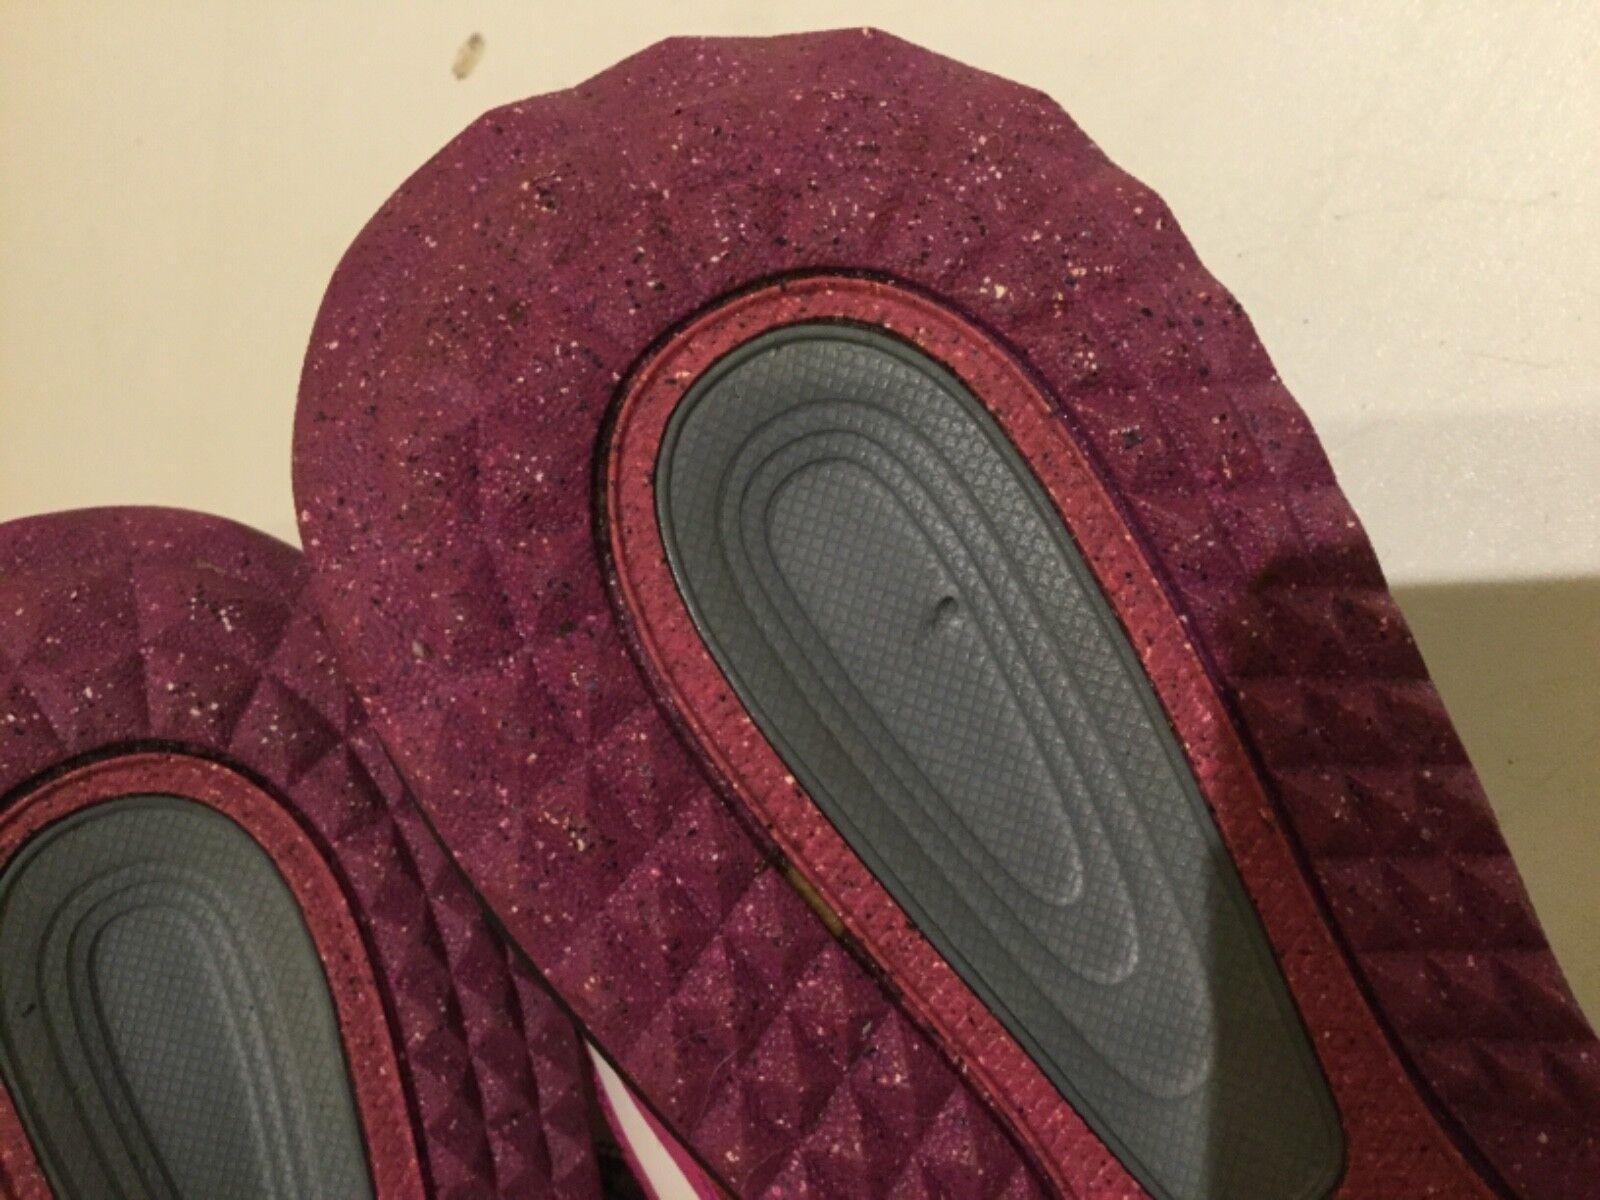 donna rosa viola nero doppia fusione in dimensioni 5 5 5 allenatori della nike 652869-011 | Imballaggio elegante e stabile  | diversità imballaggio  | Speciale Offerta  | Uomini/Donne Scarpa  eb9a7d